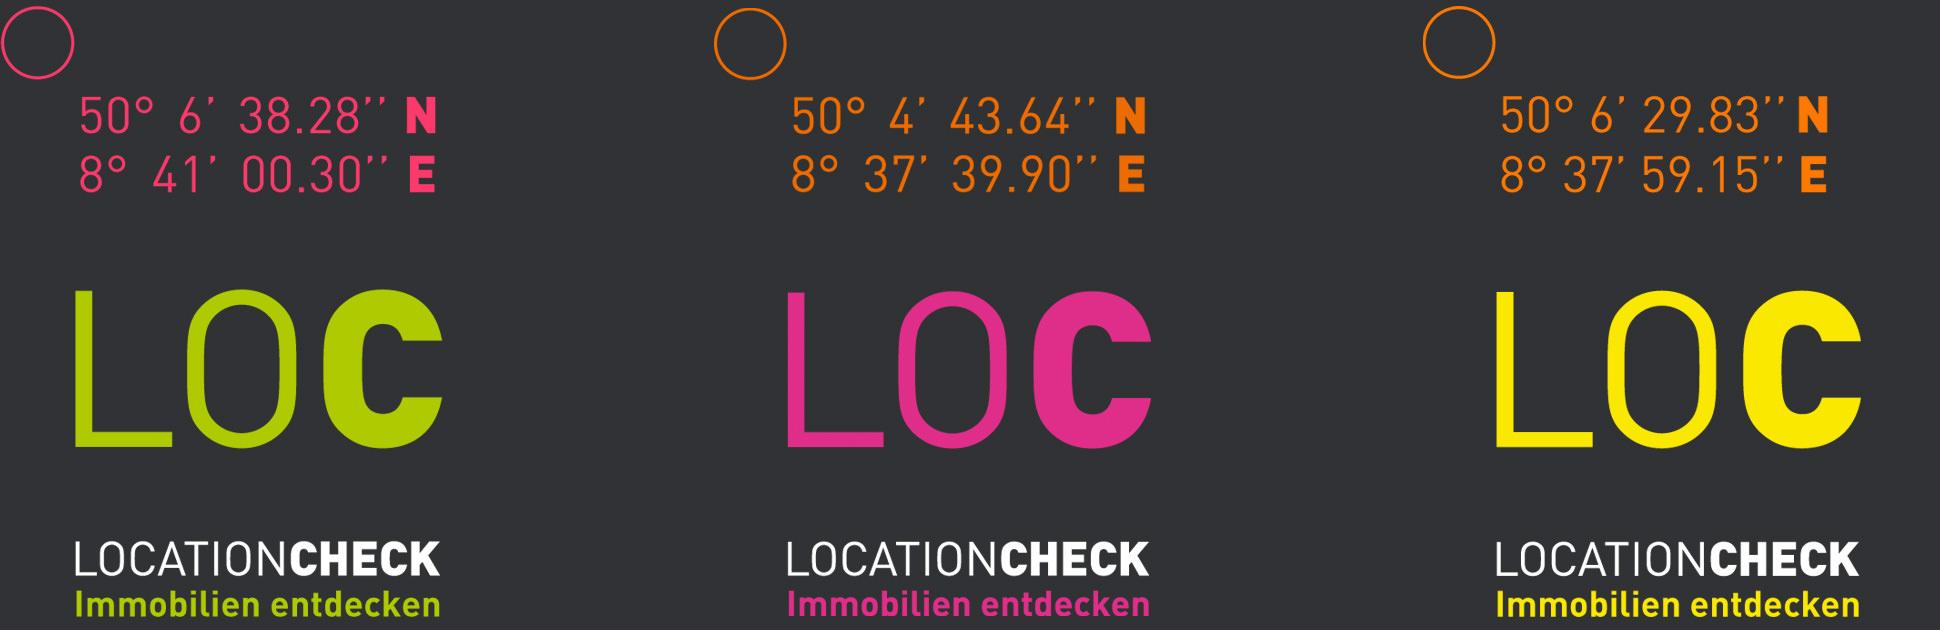 loc_3